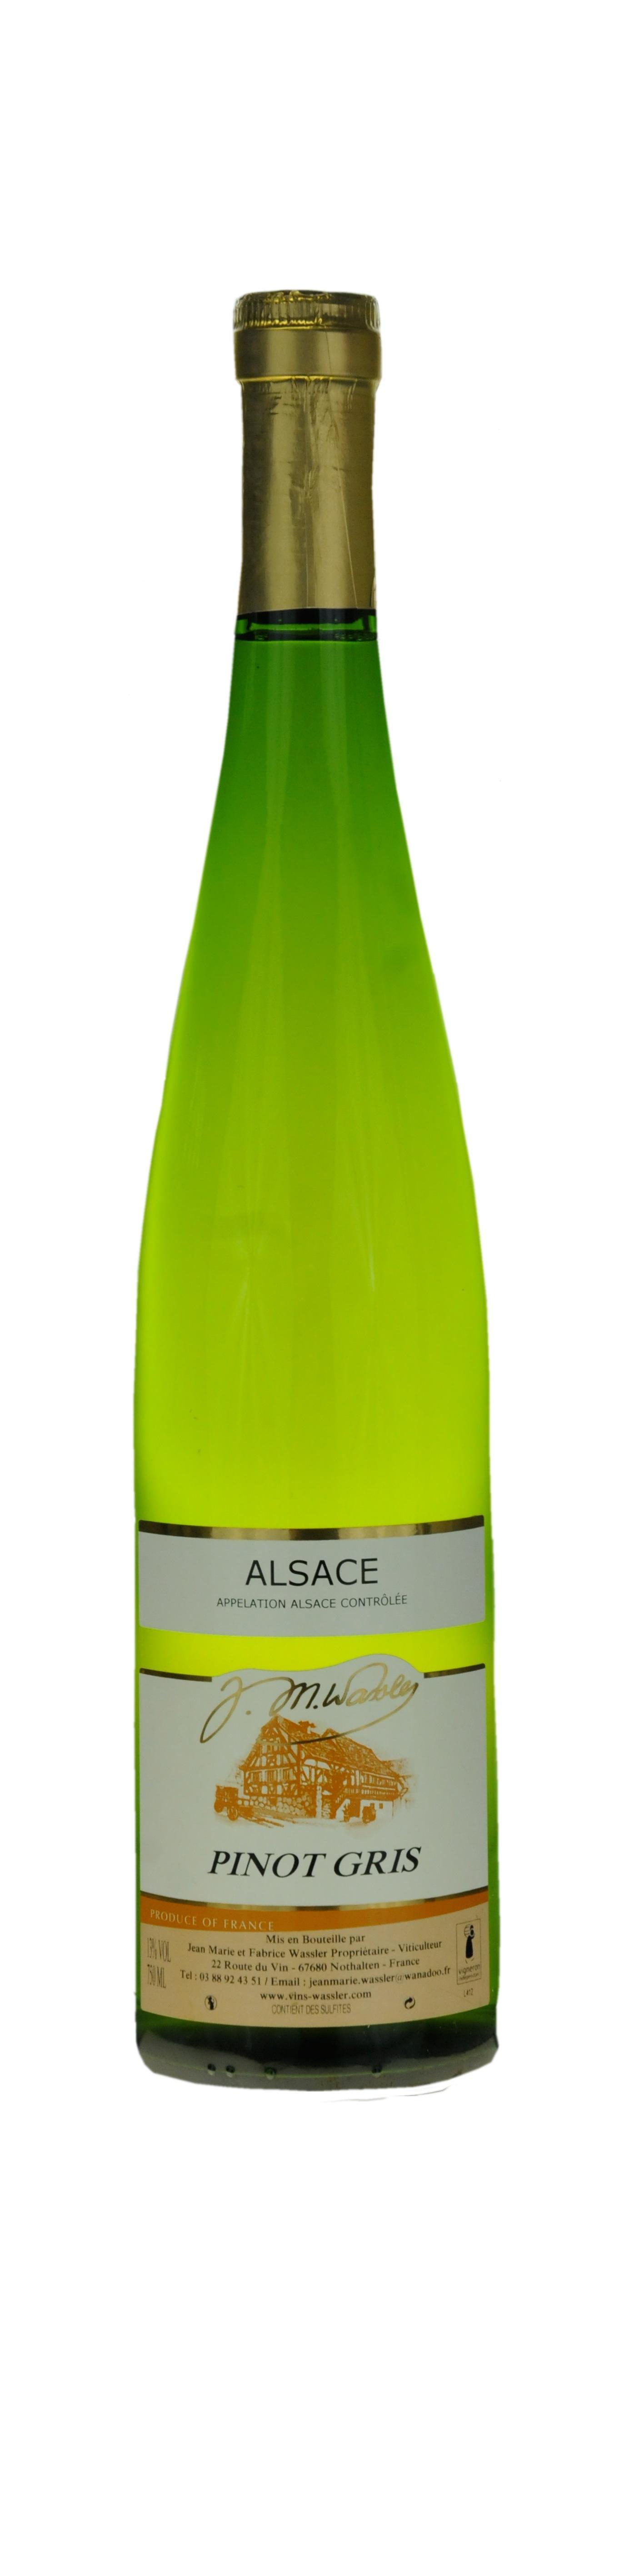 Alsace Pinot Gris 2014Guide Gilbert et Gaillard